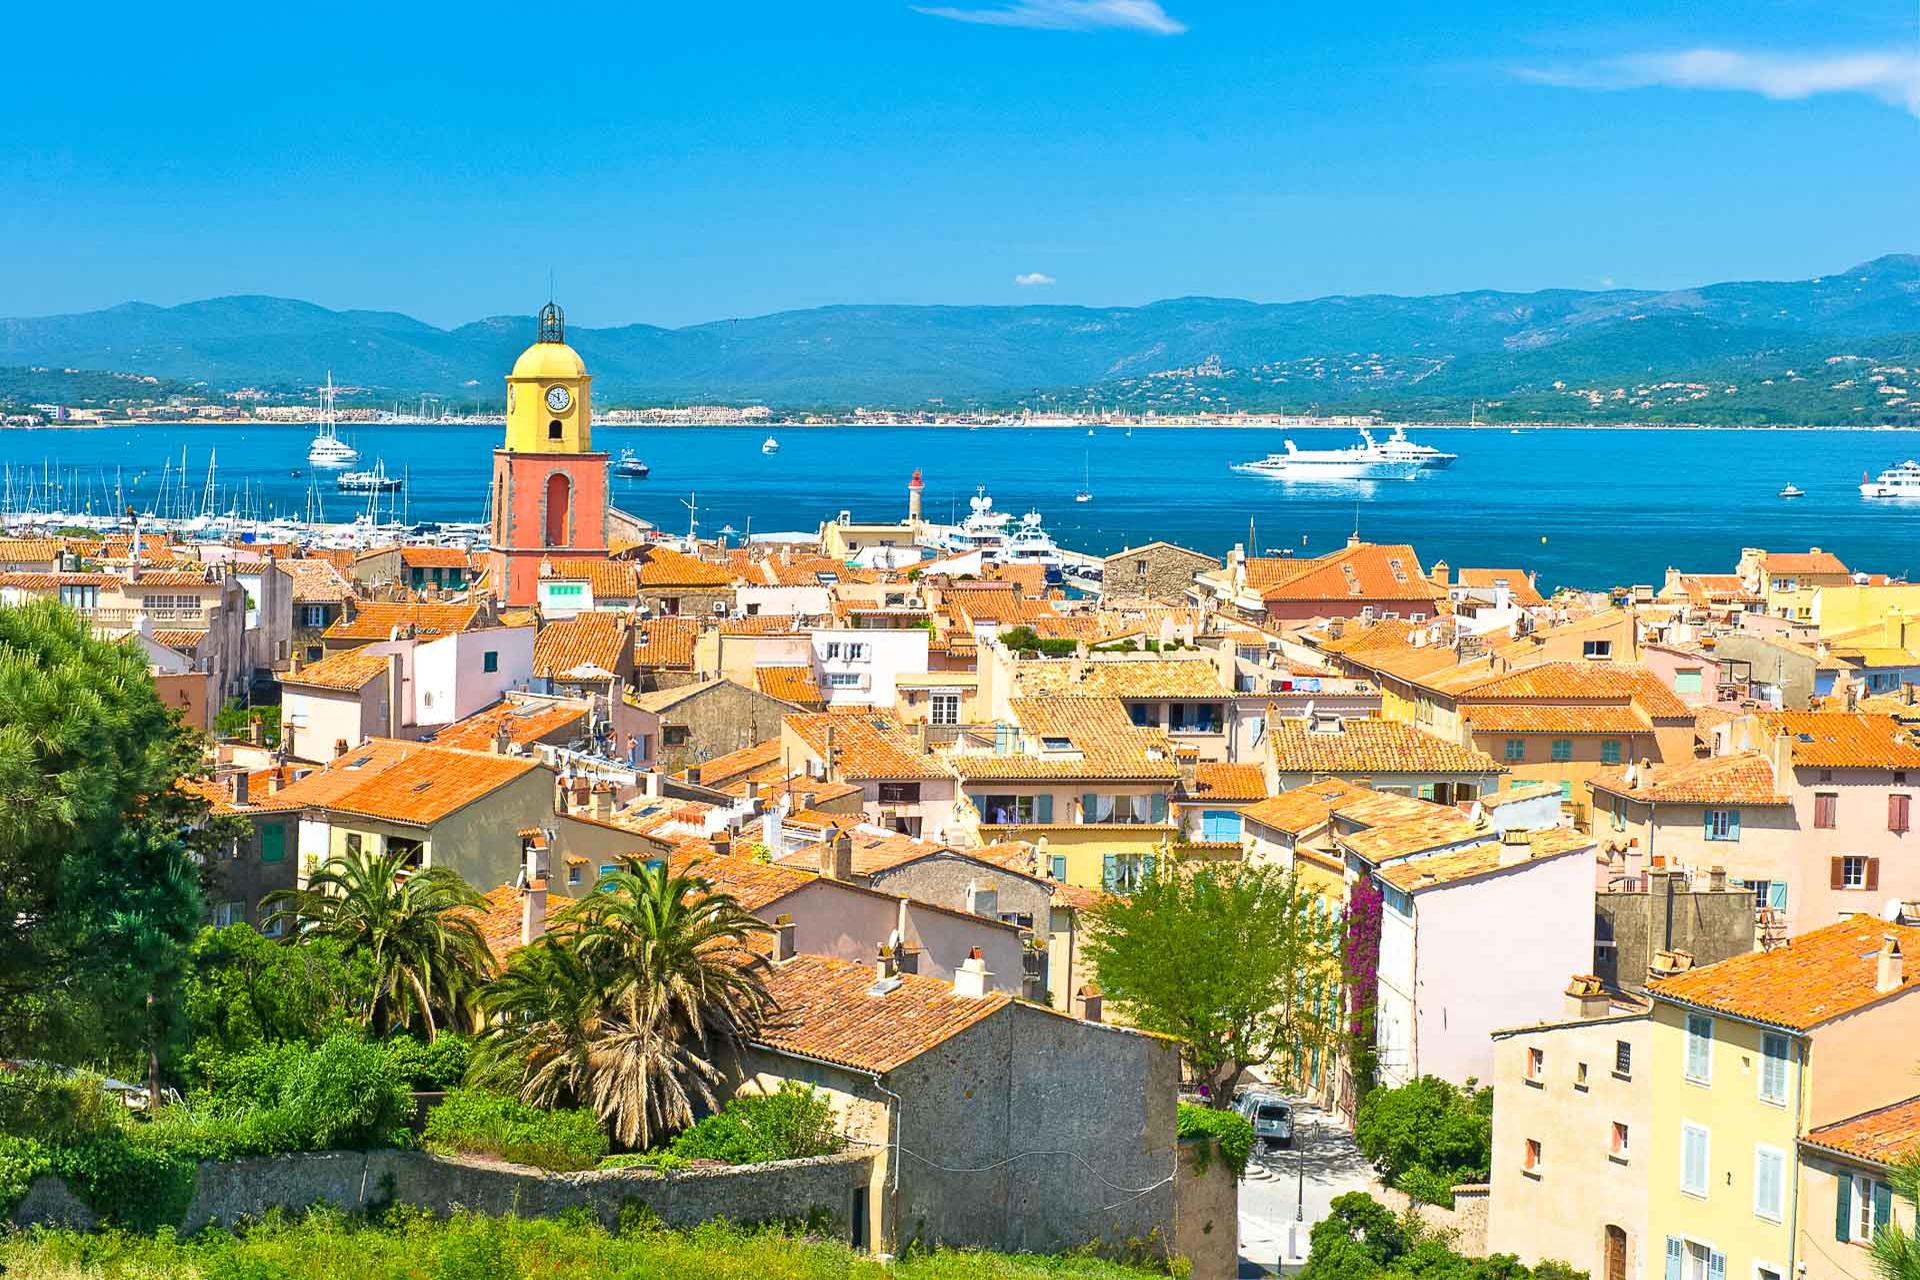 法国富豪和明星政要们的秘密花园——圣特罗佩半岛